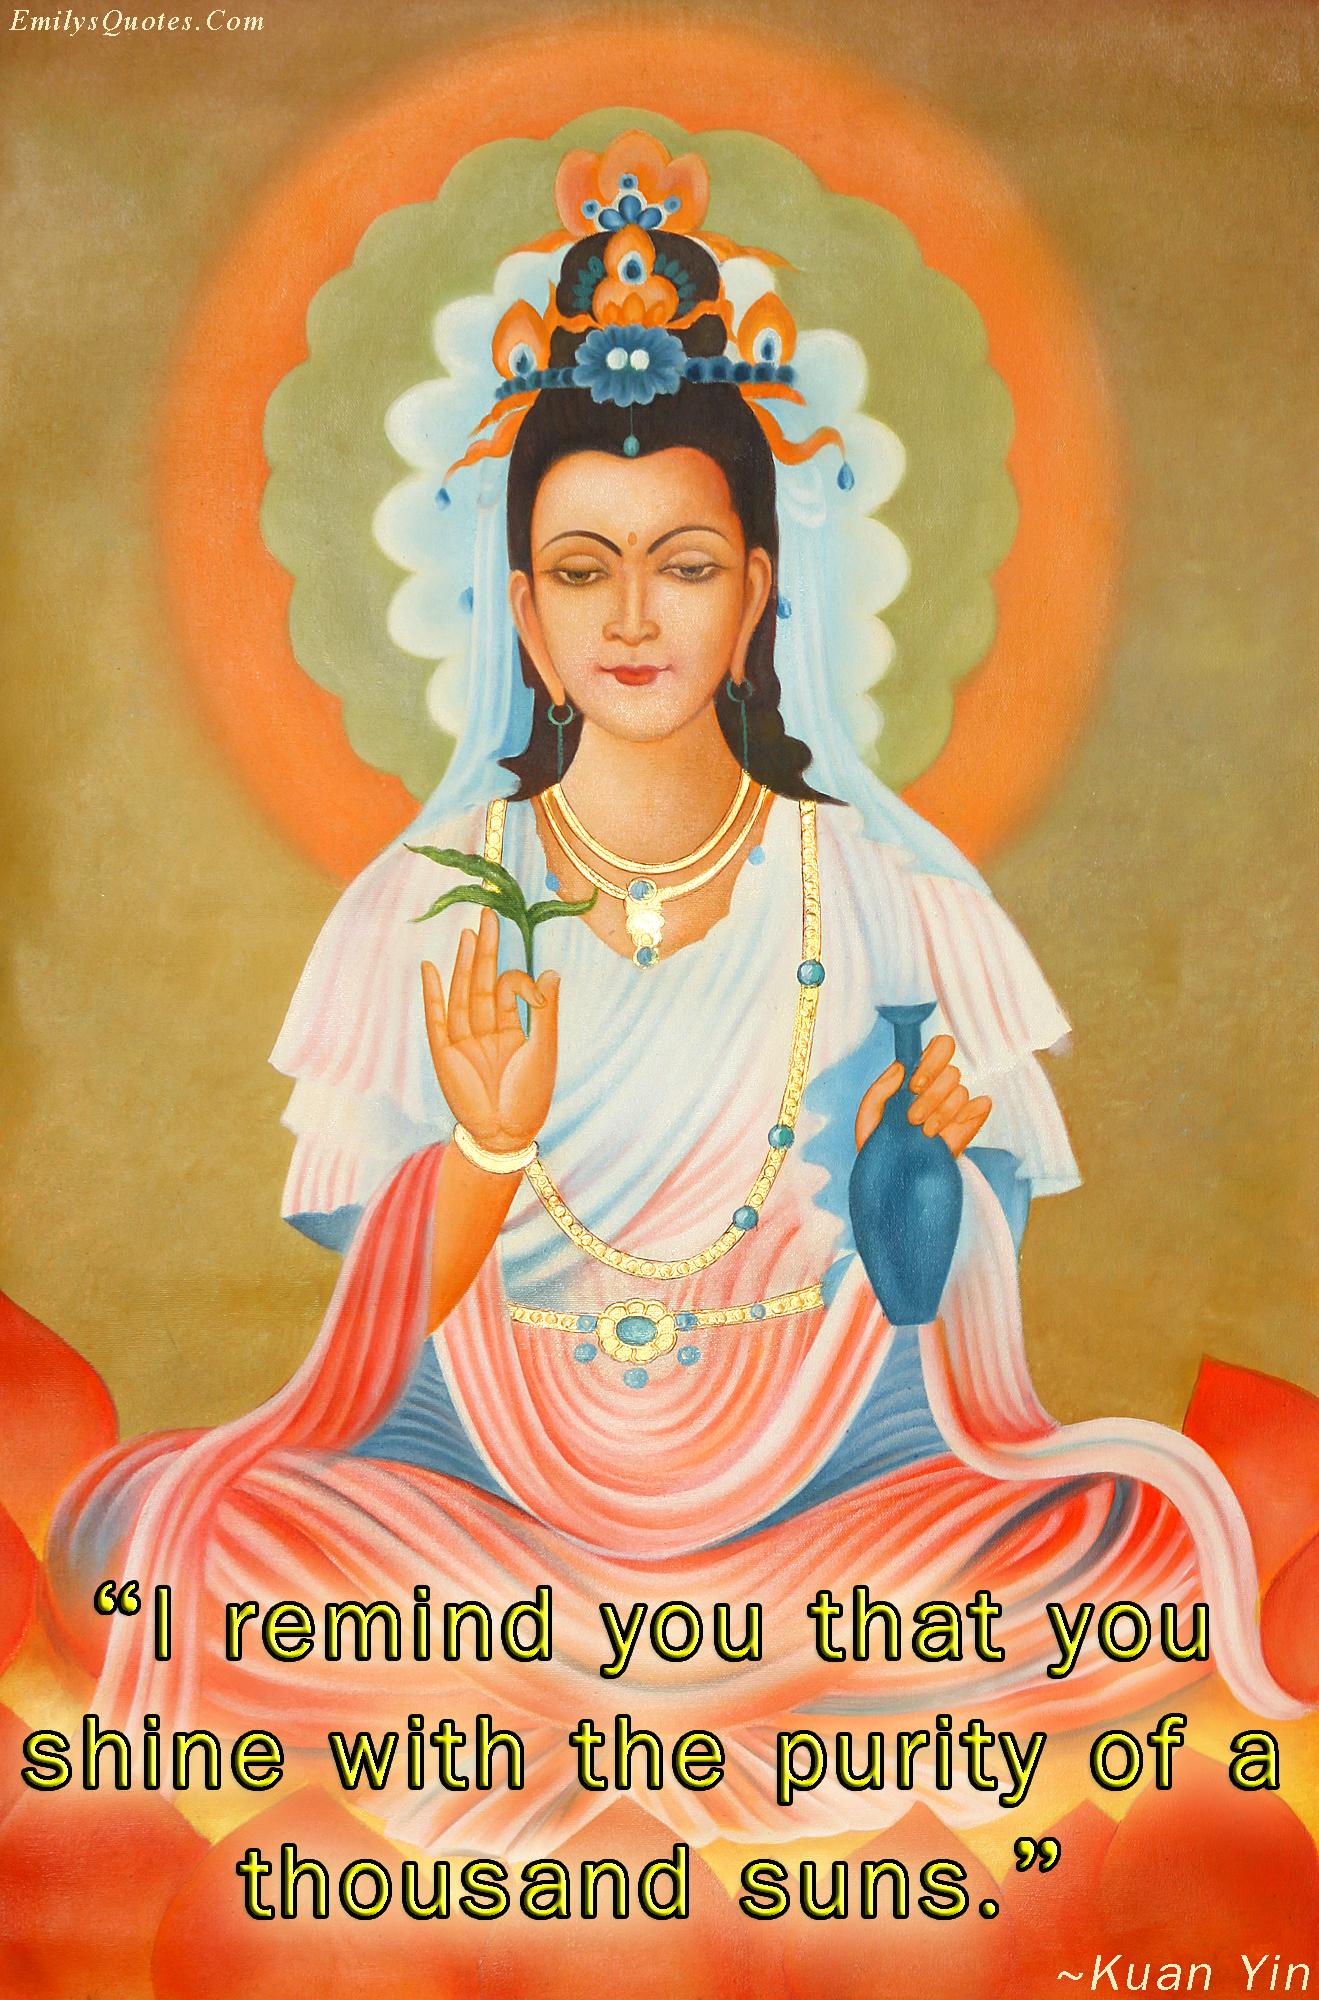 EmilysQuotes.Com - amazing, great, inspirational, motivational, encouraging, Kuan Yin